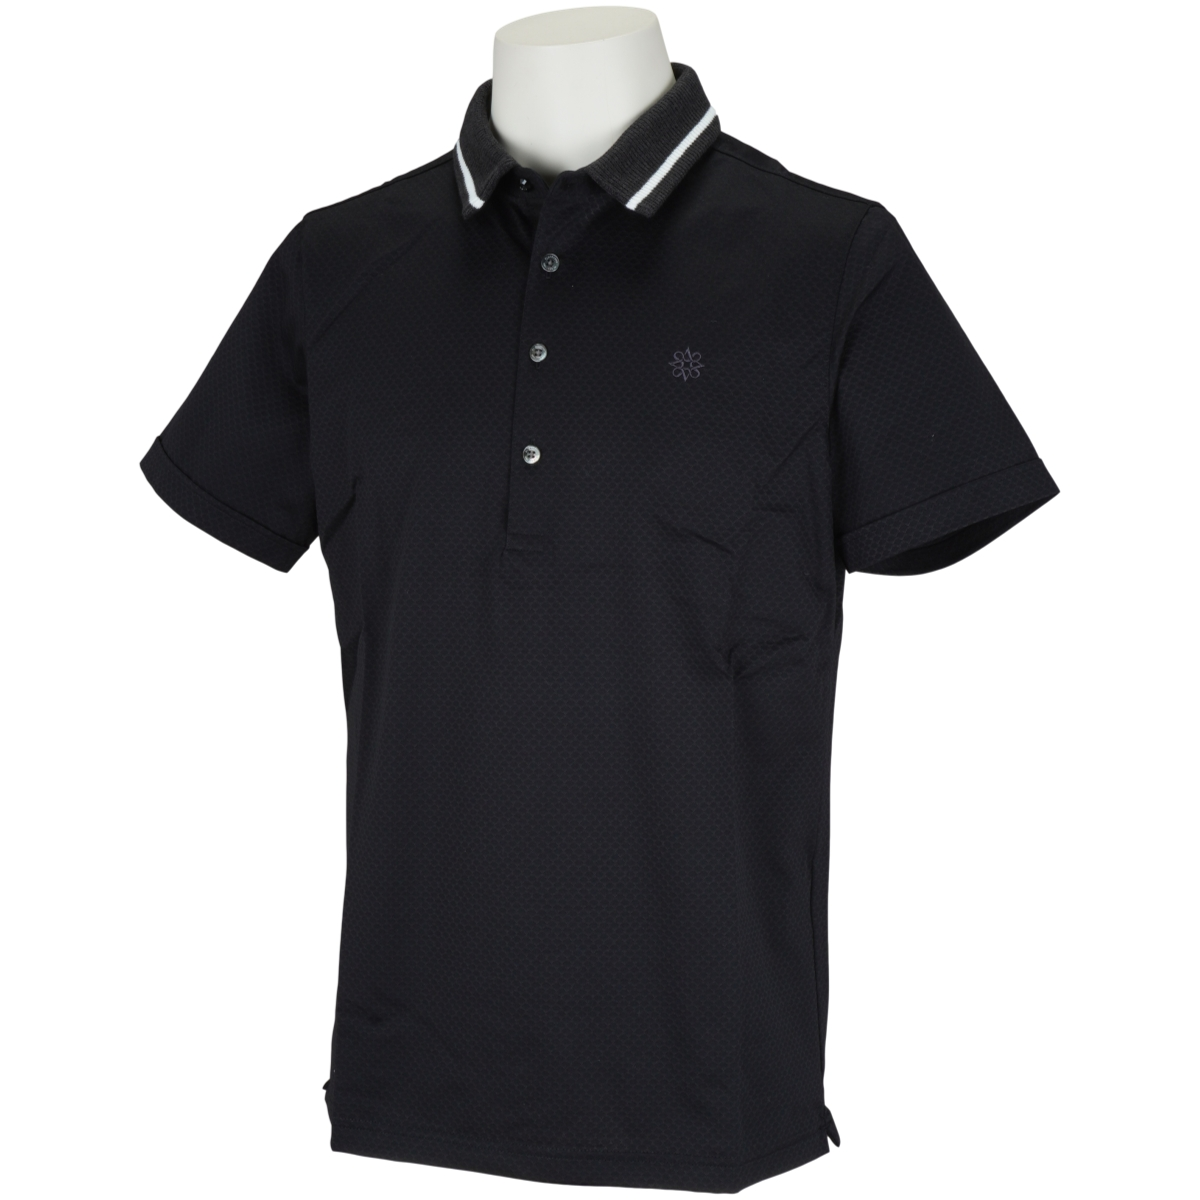 ブレーティングジャガード 半袖ポロシャツ